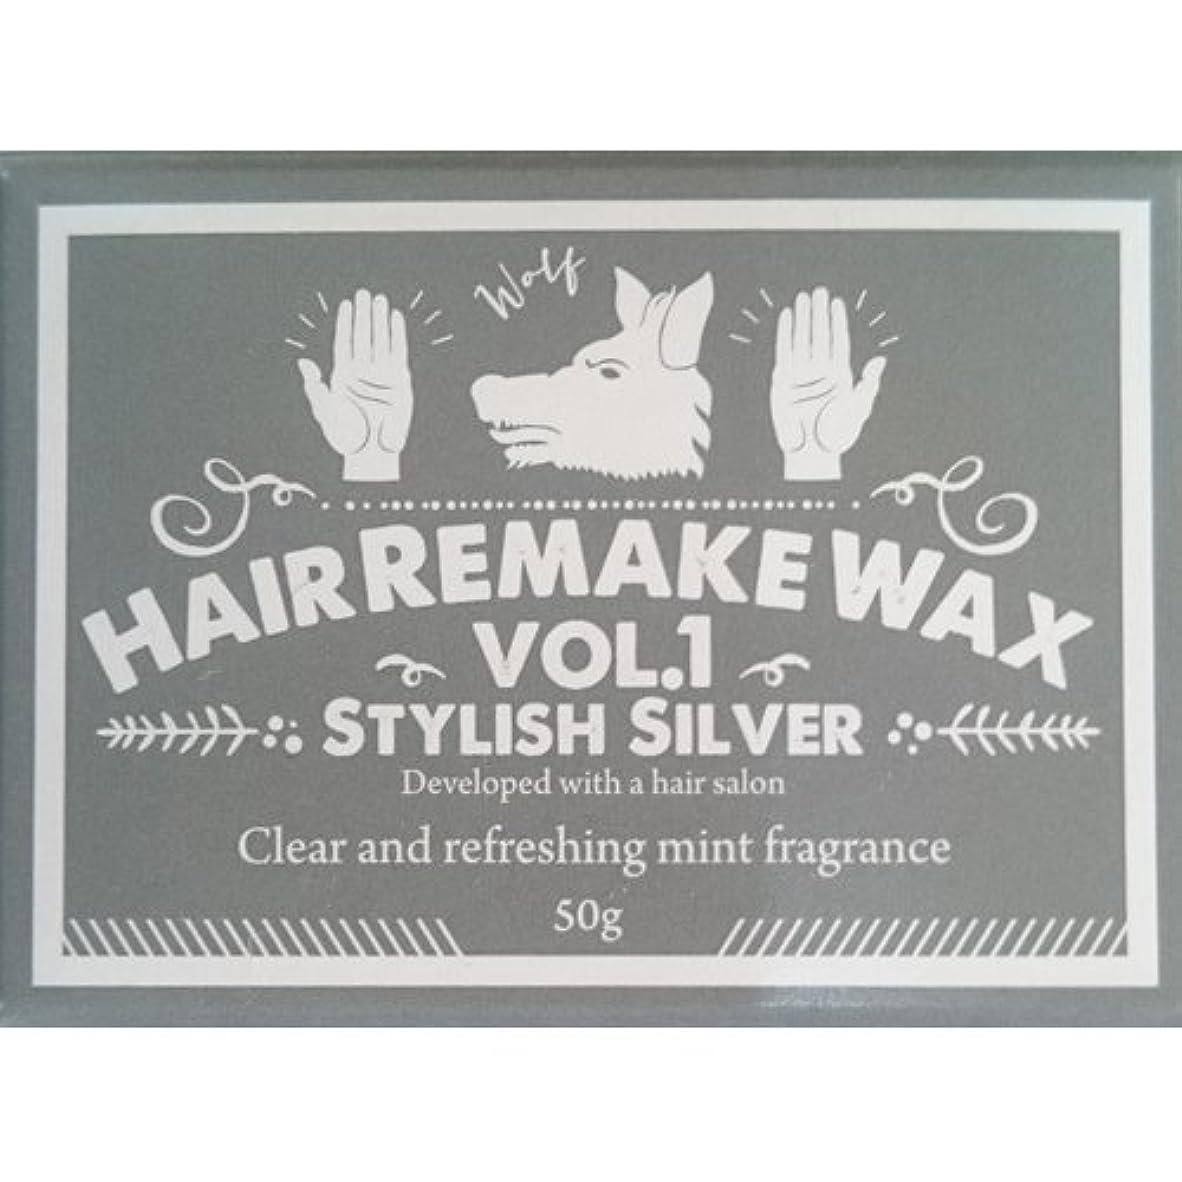 喜びペチュランス下向きHair Remake(ヘアーリメイク)WAX Vol.1 スタイリッシュシルバー 50g